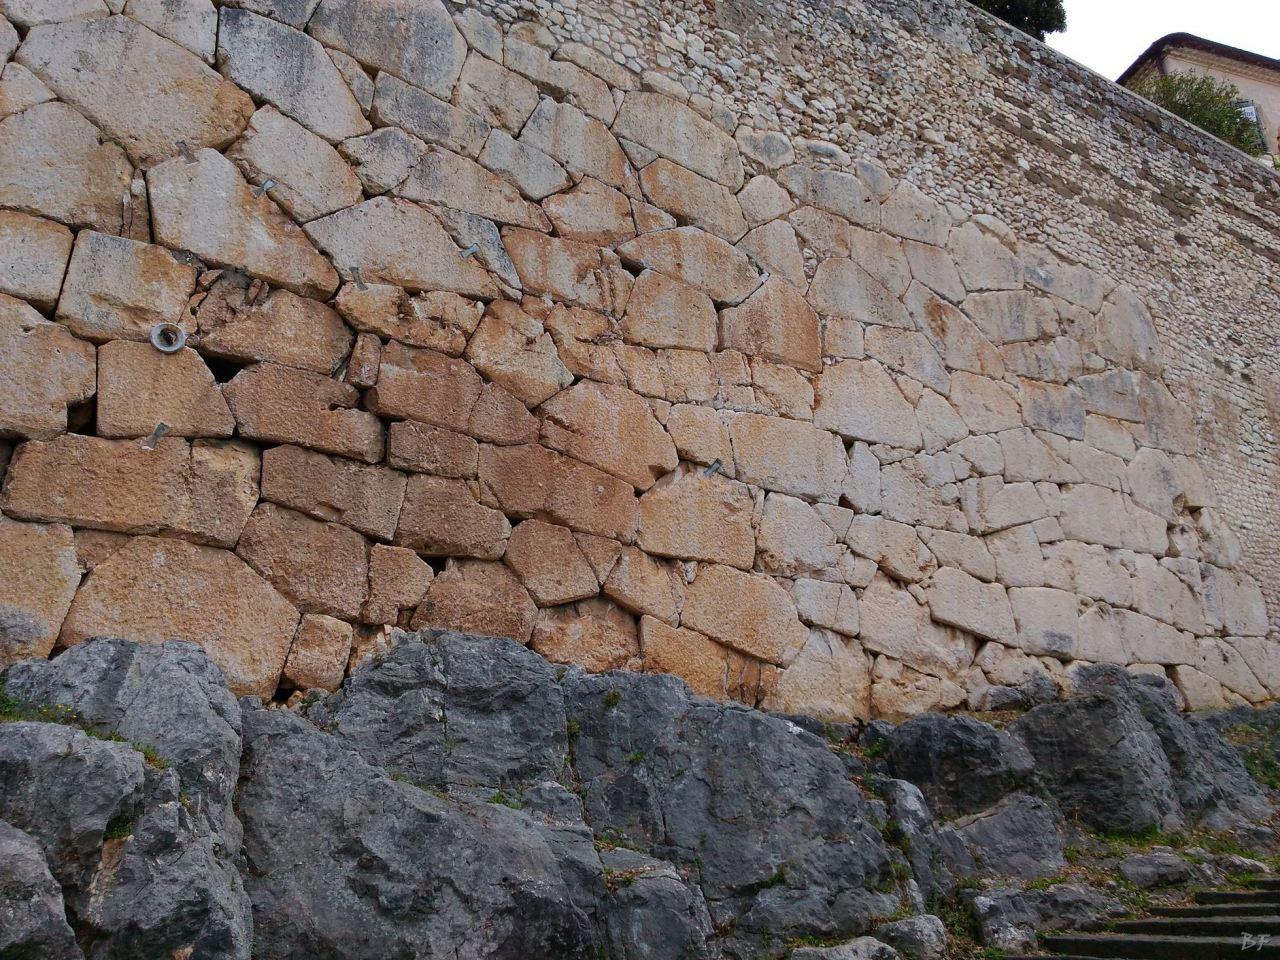 Cora-Mura-Poligonali-Megalitiche-Cori-Latina-Lazio-Italia-8